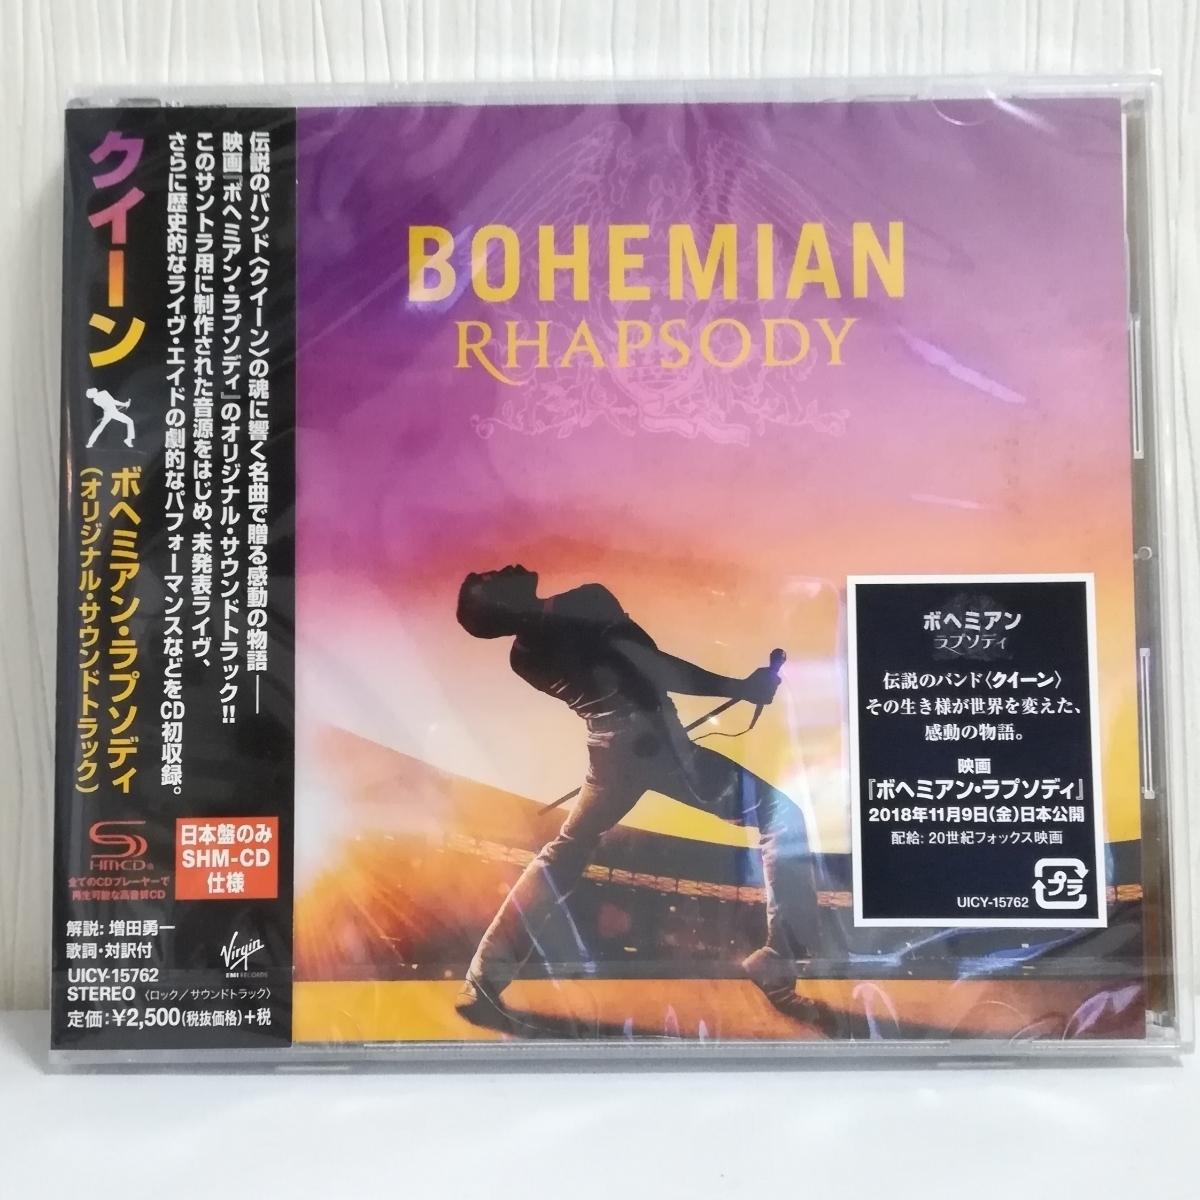 QUEEN ボヘミアン・ラプソディ (オリジナル・サウンドトラック) [SHM-CD] クイーン 日本盤 国内盤 UICY-15762 映画 サントラ